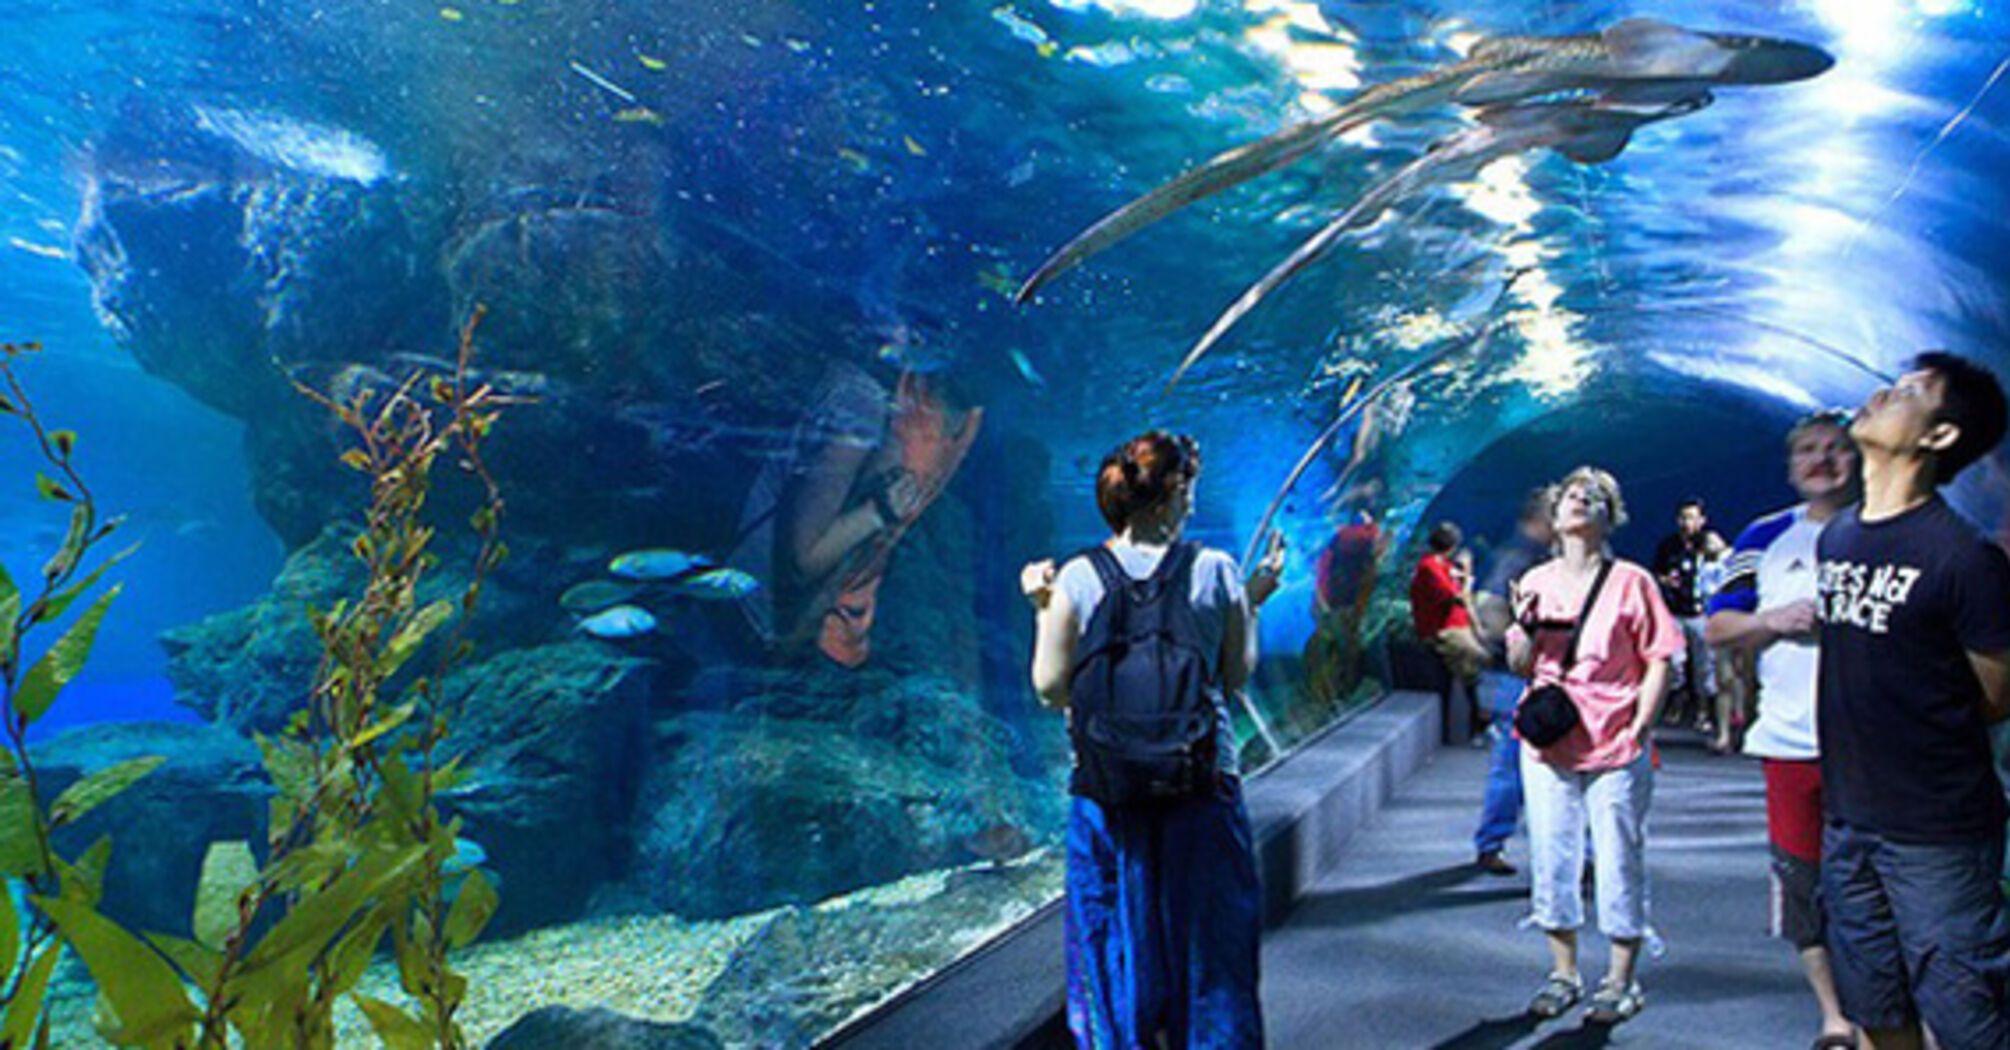 У Київському зоопарку побудують підземний океанаріум